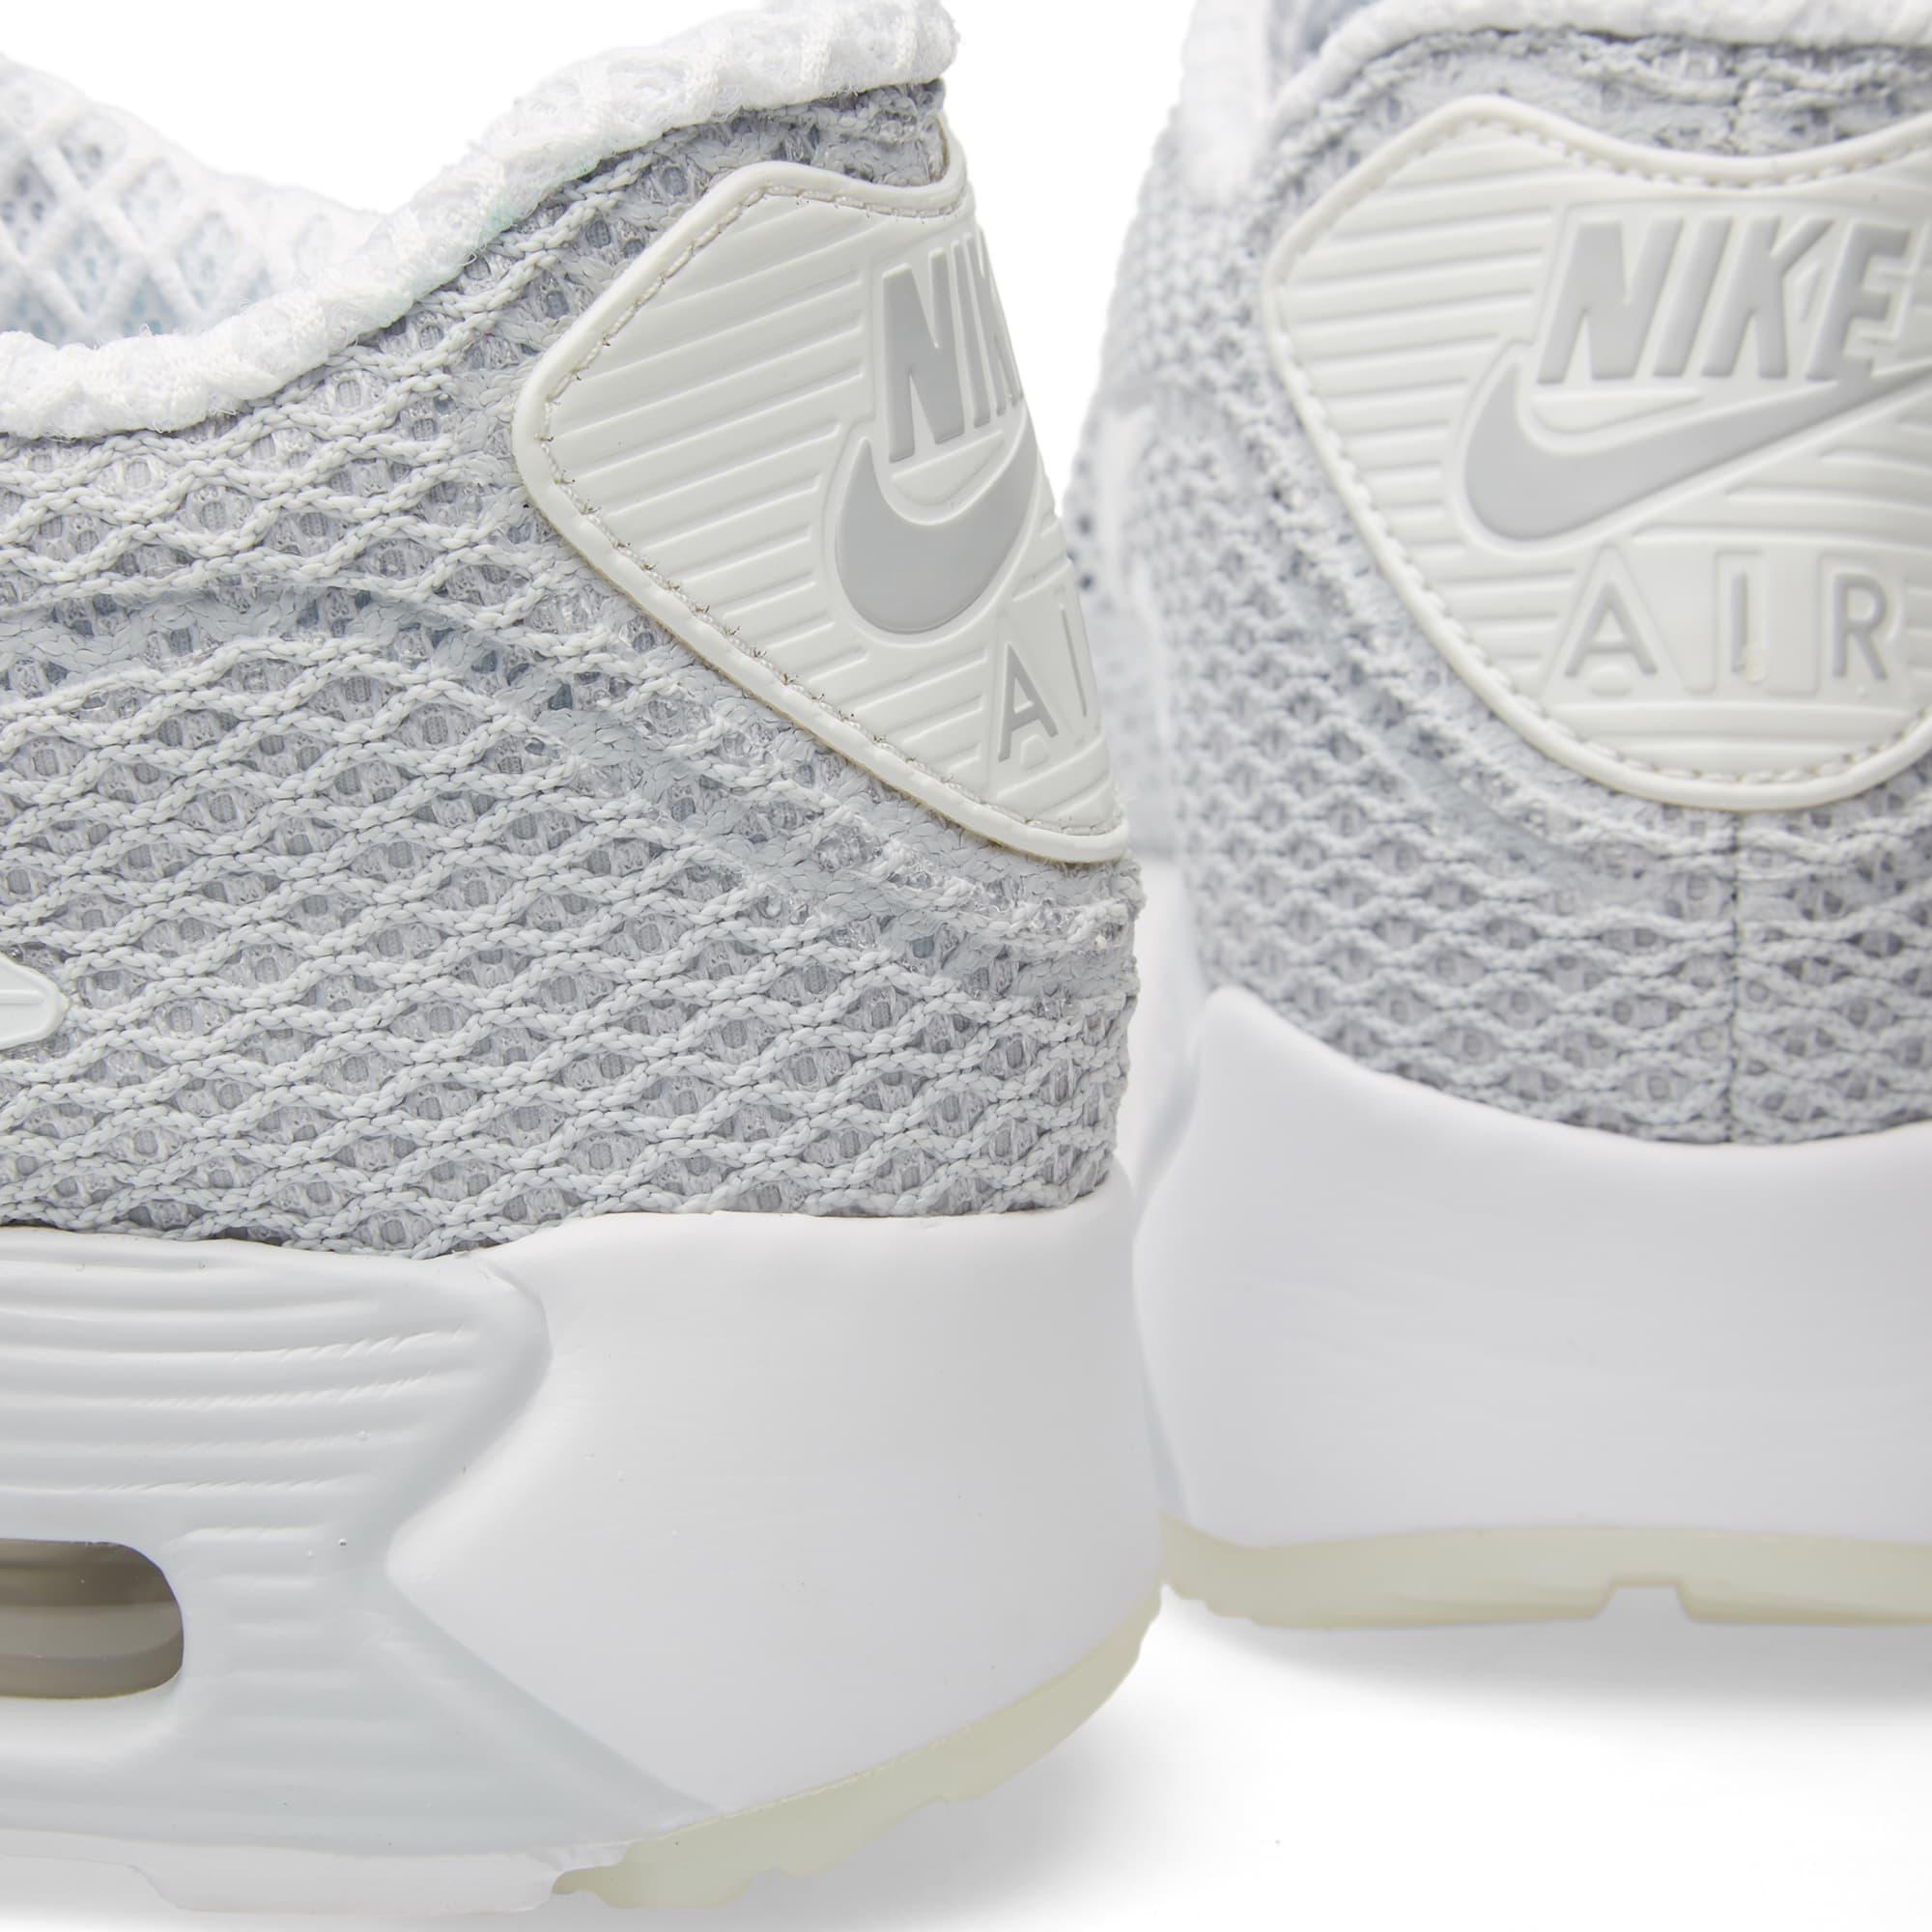 a8dd87a9e8 Nike Air Max 90 Ultra BR Plus QS Pure Platinum & White | END.